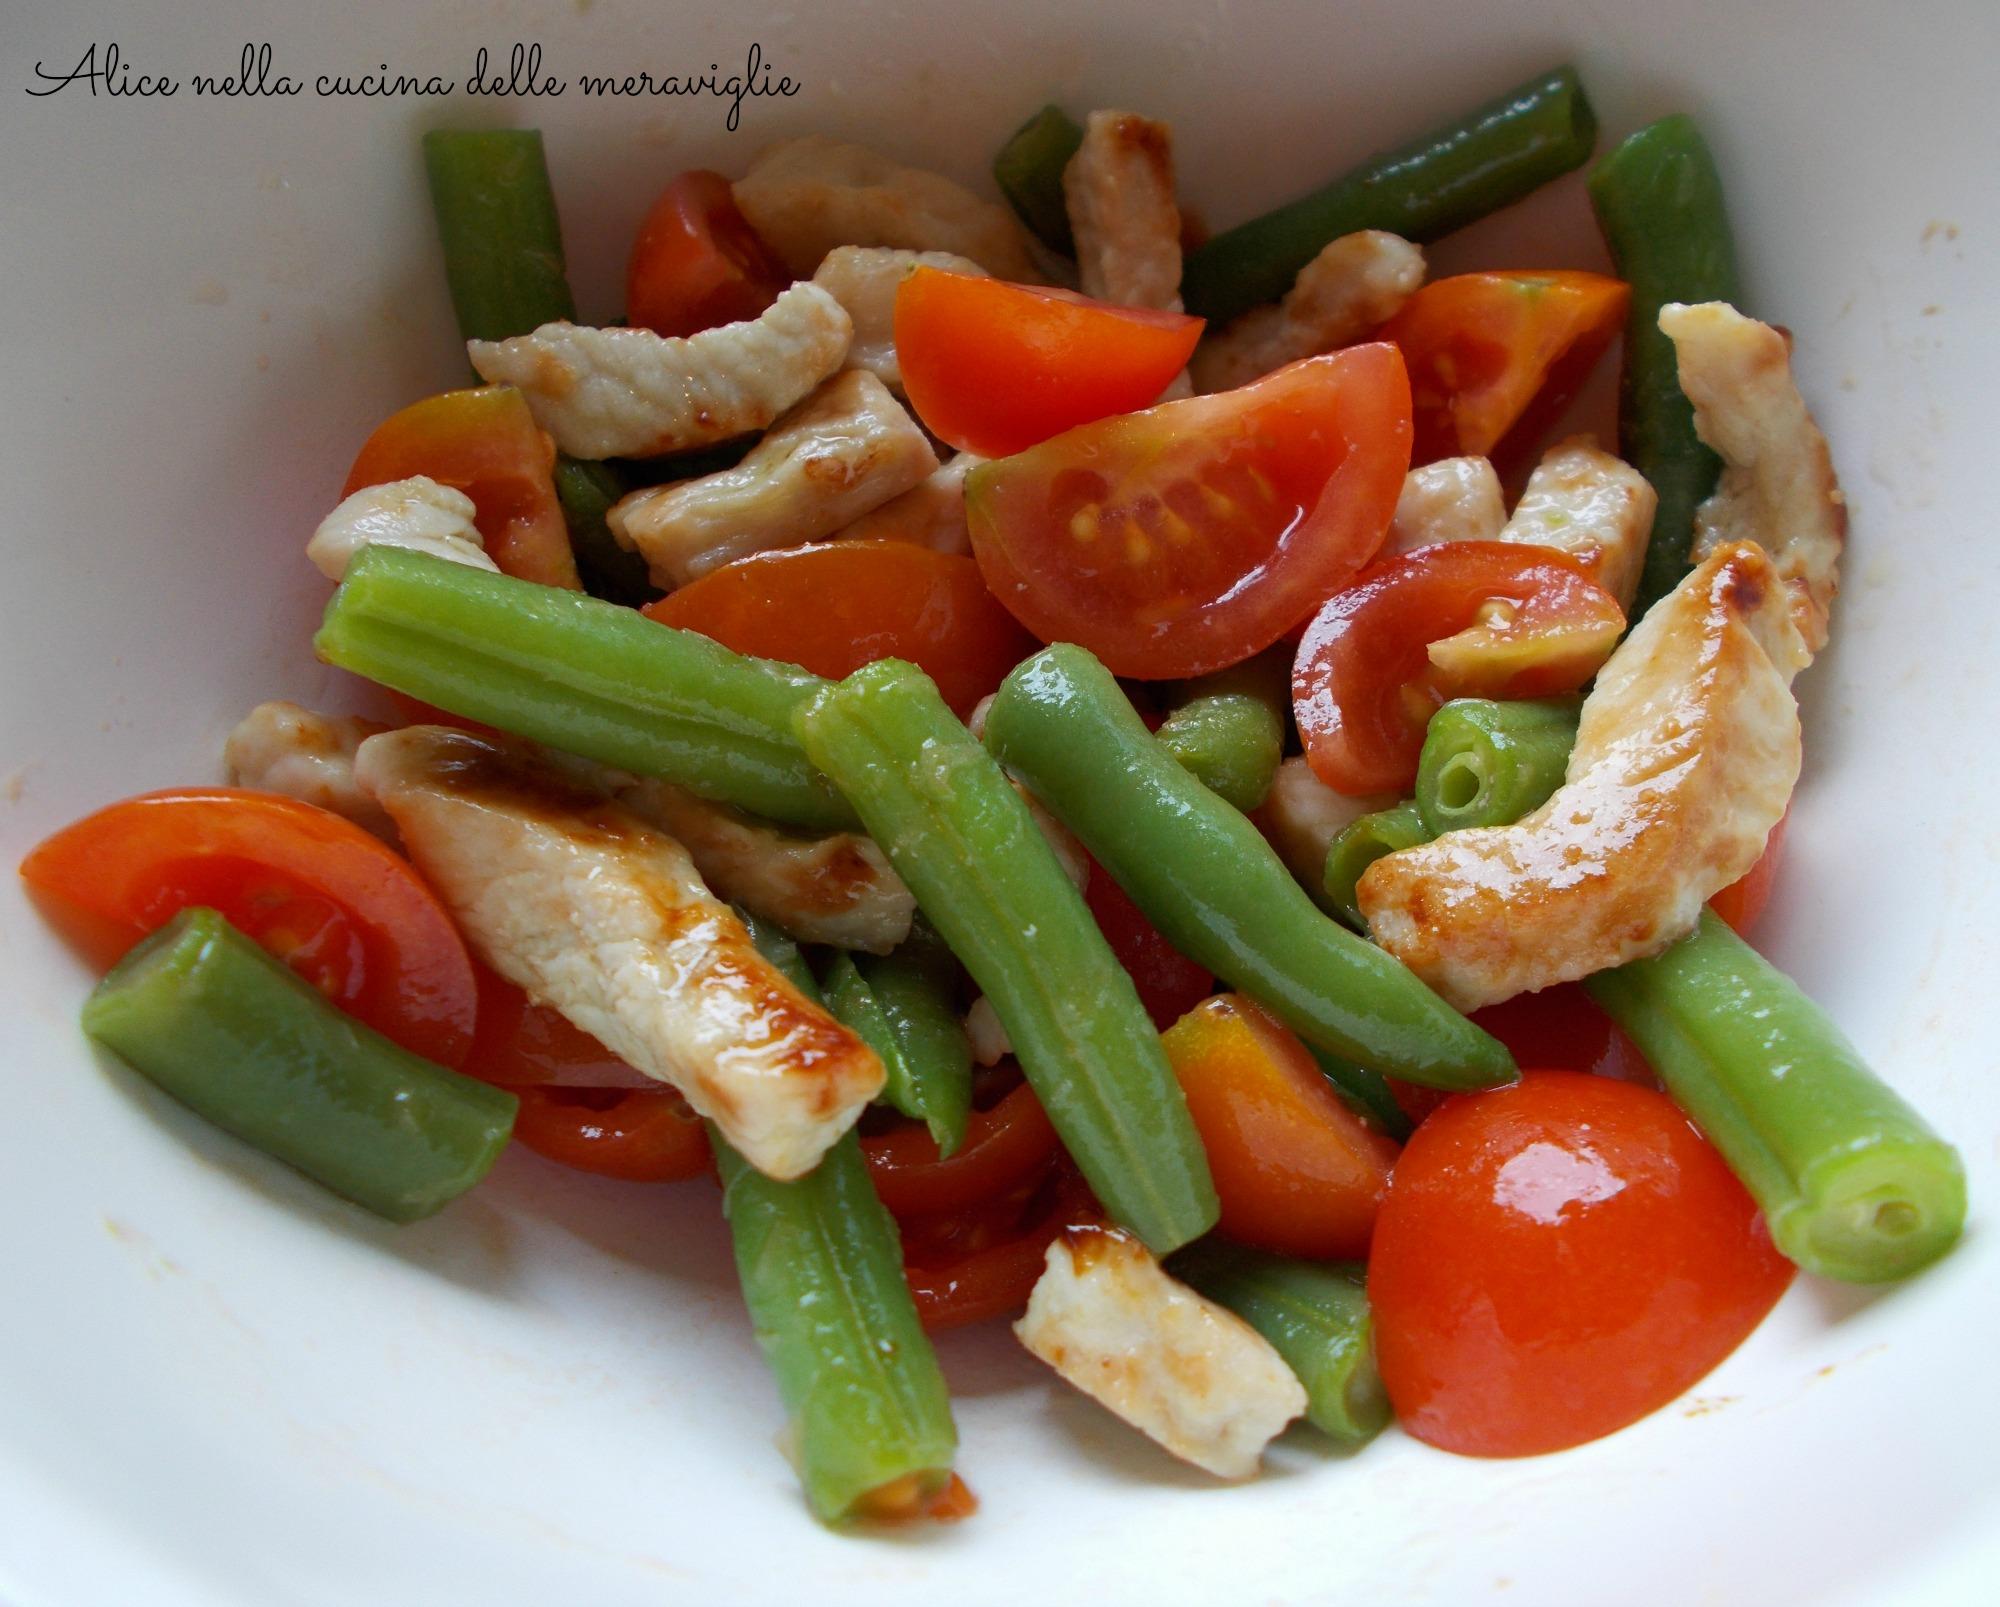 Insalata fresca di fagiolini, pomodorini e tacchino Ricetta secondo piatto Alice nella cucina delle meraviglie